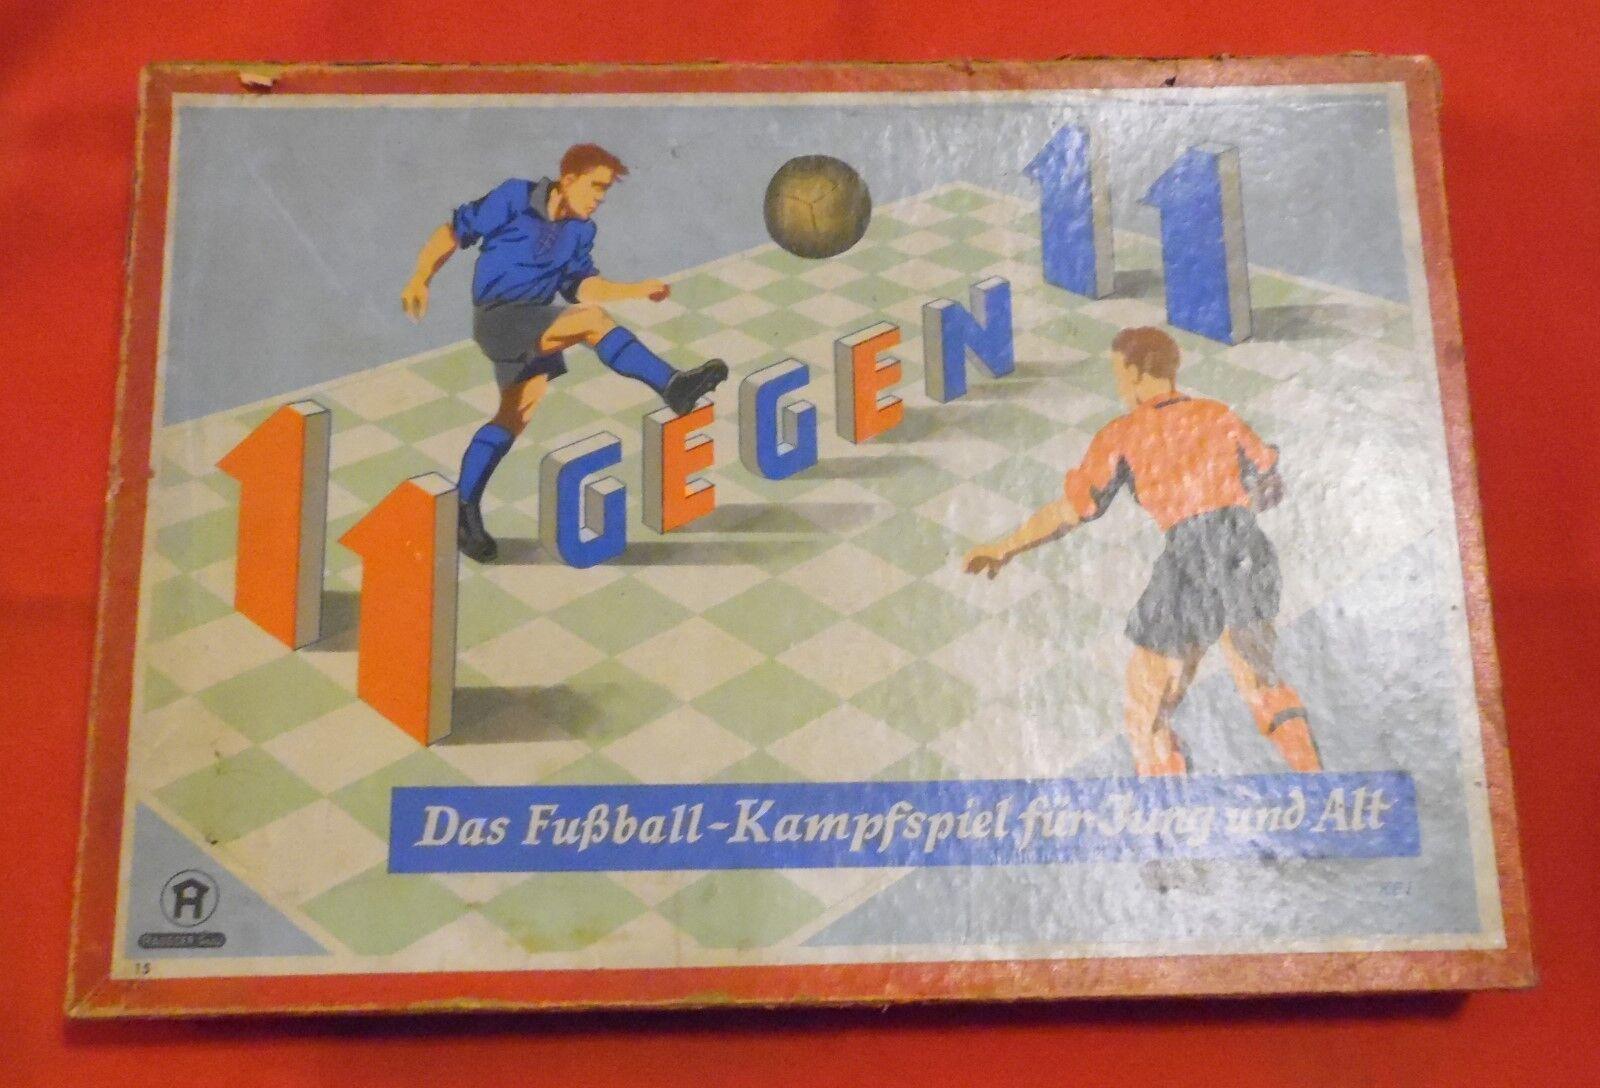 Jeu  11 contre 11-Le football-Lutte Jeu, Hausser jeux 15, 1930er ans